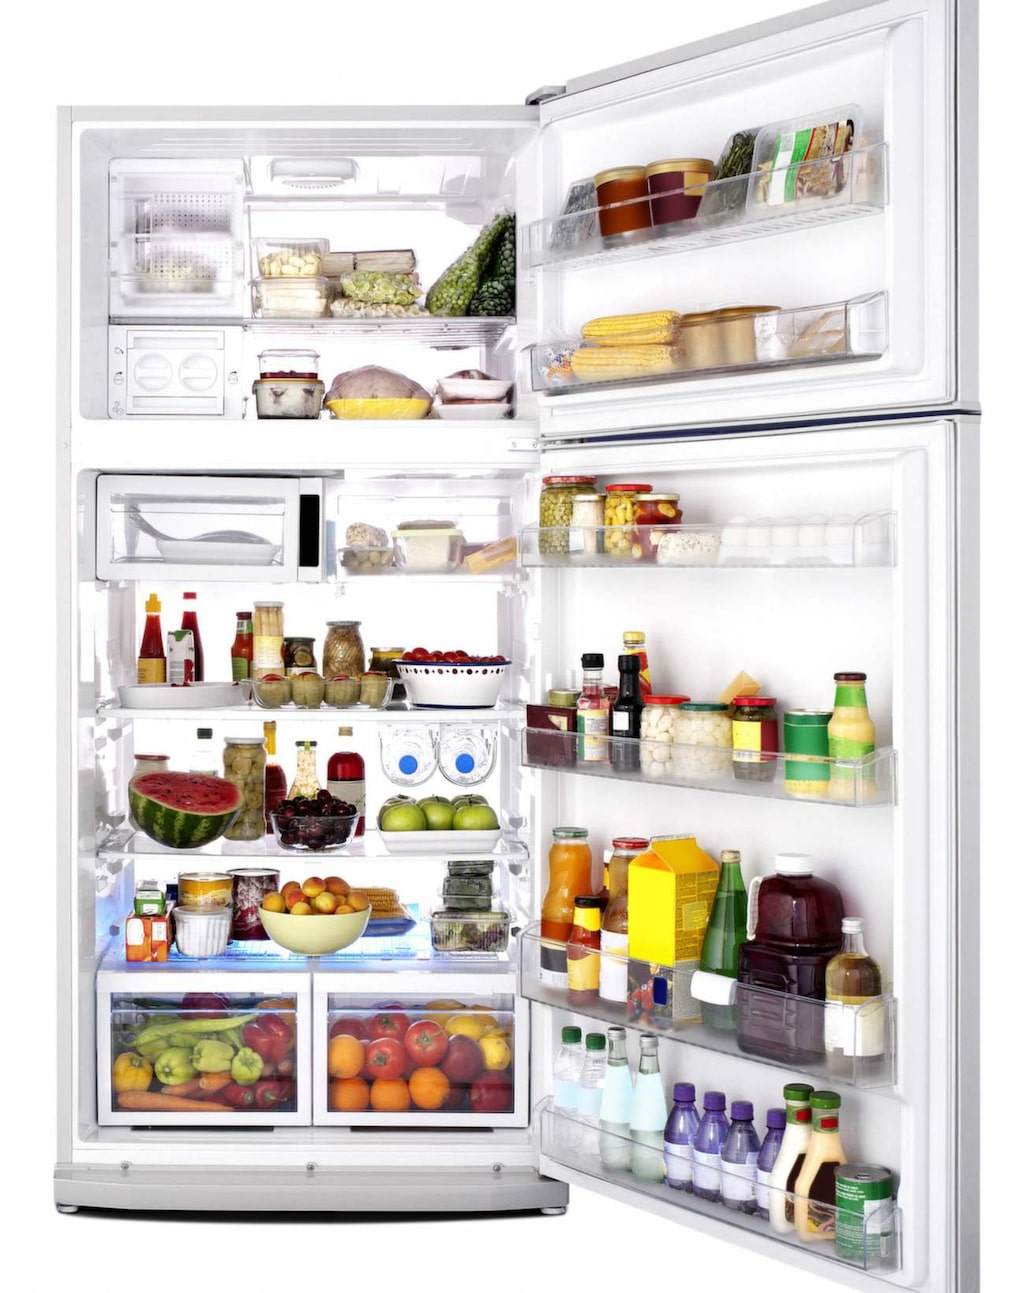 Den värsta platsen i kylskåpet är grönsakslåda, som i ett test hade från 8 000 ända upp till 129 000 bakterier per kvadratcentimeter.